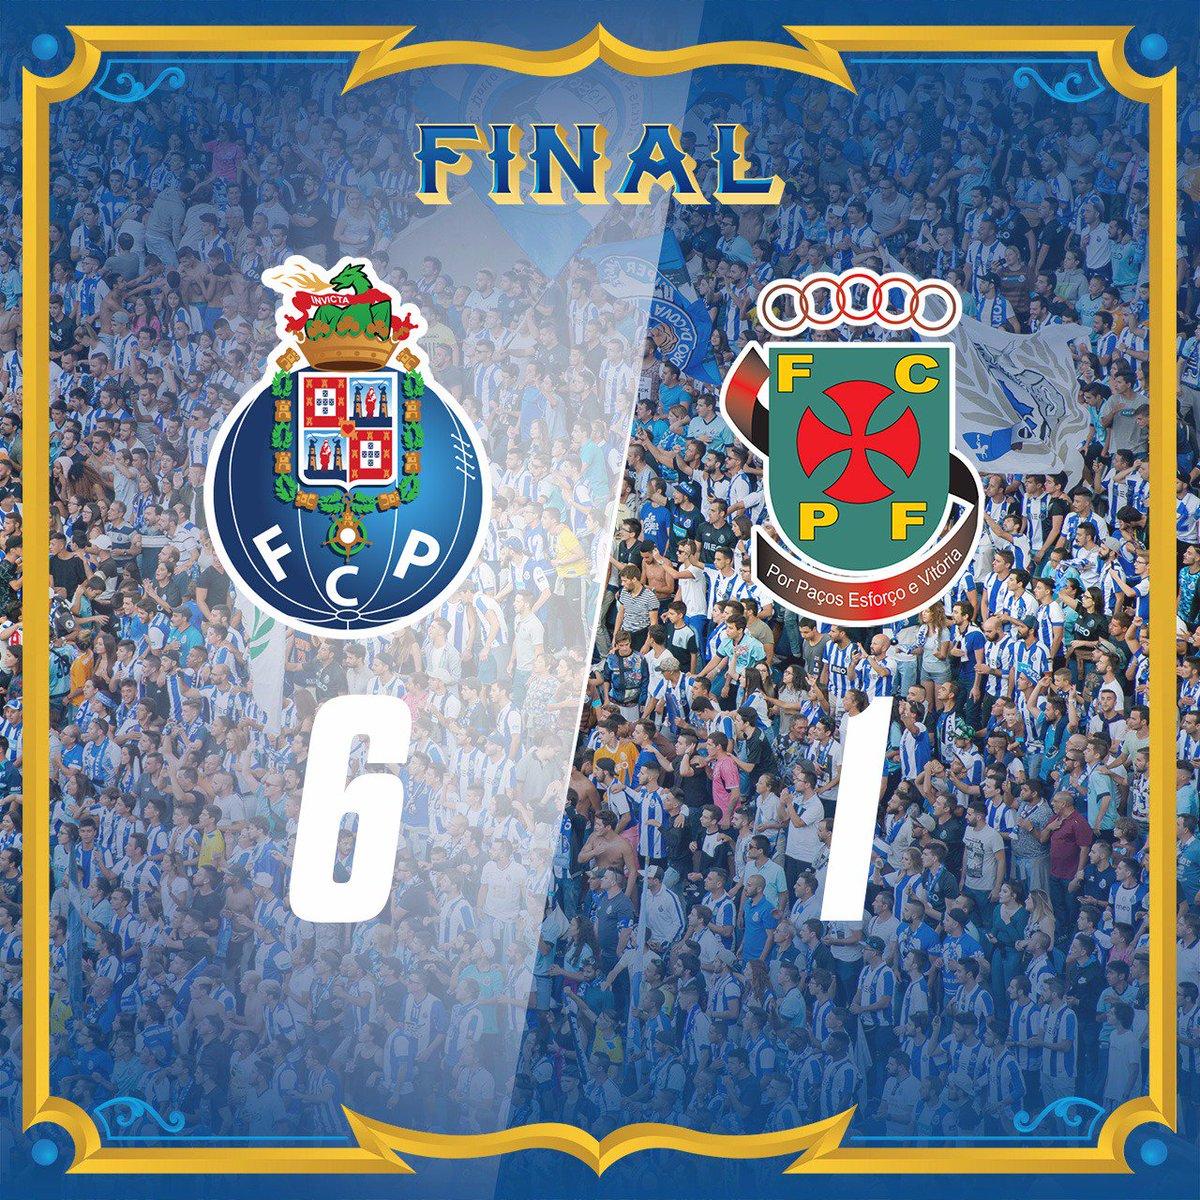 Final de Jogo / End of the match / Final del Partido  ⚽ Ricardo ⚽ Felipe ⚽ Marega ⚽ Marega ⚽ Corona ⚽ Aboubakar  #FCPorto #FCPFCPF